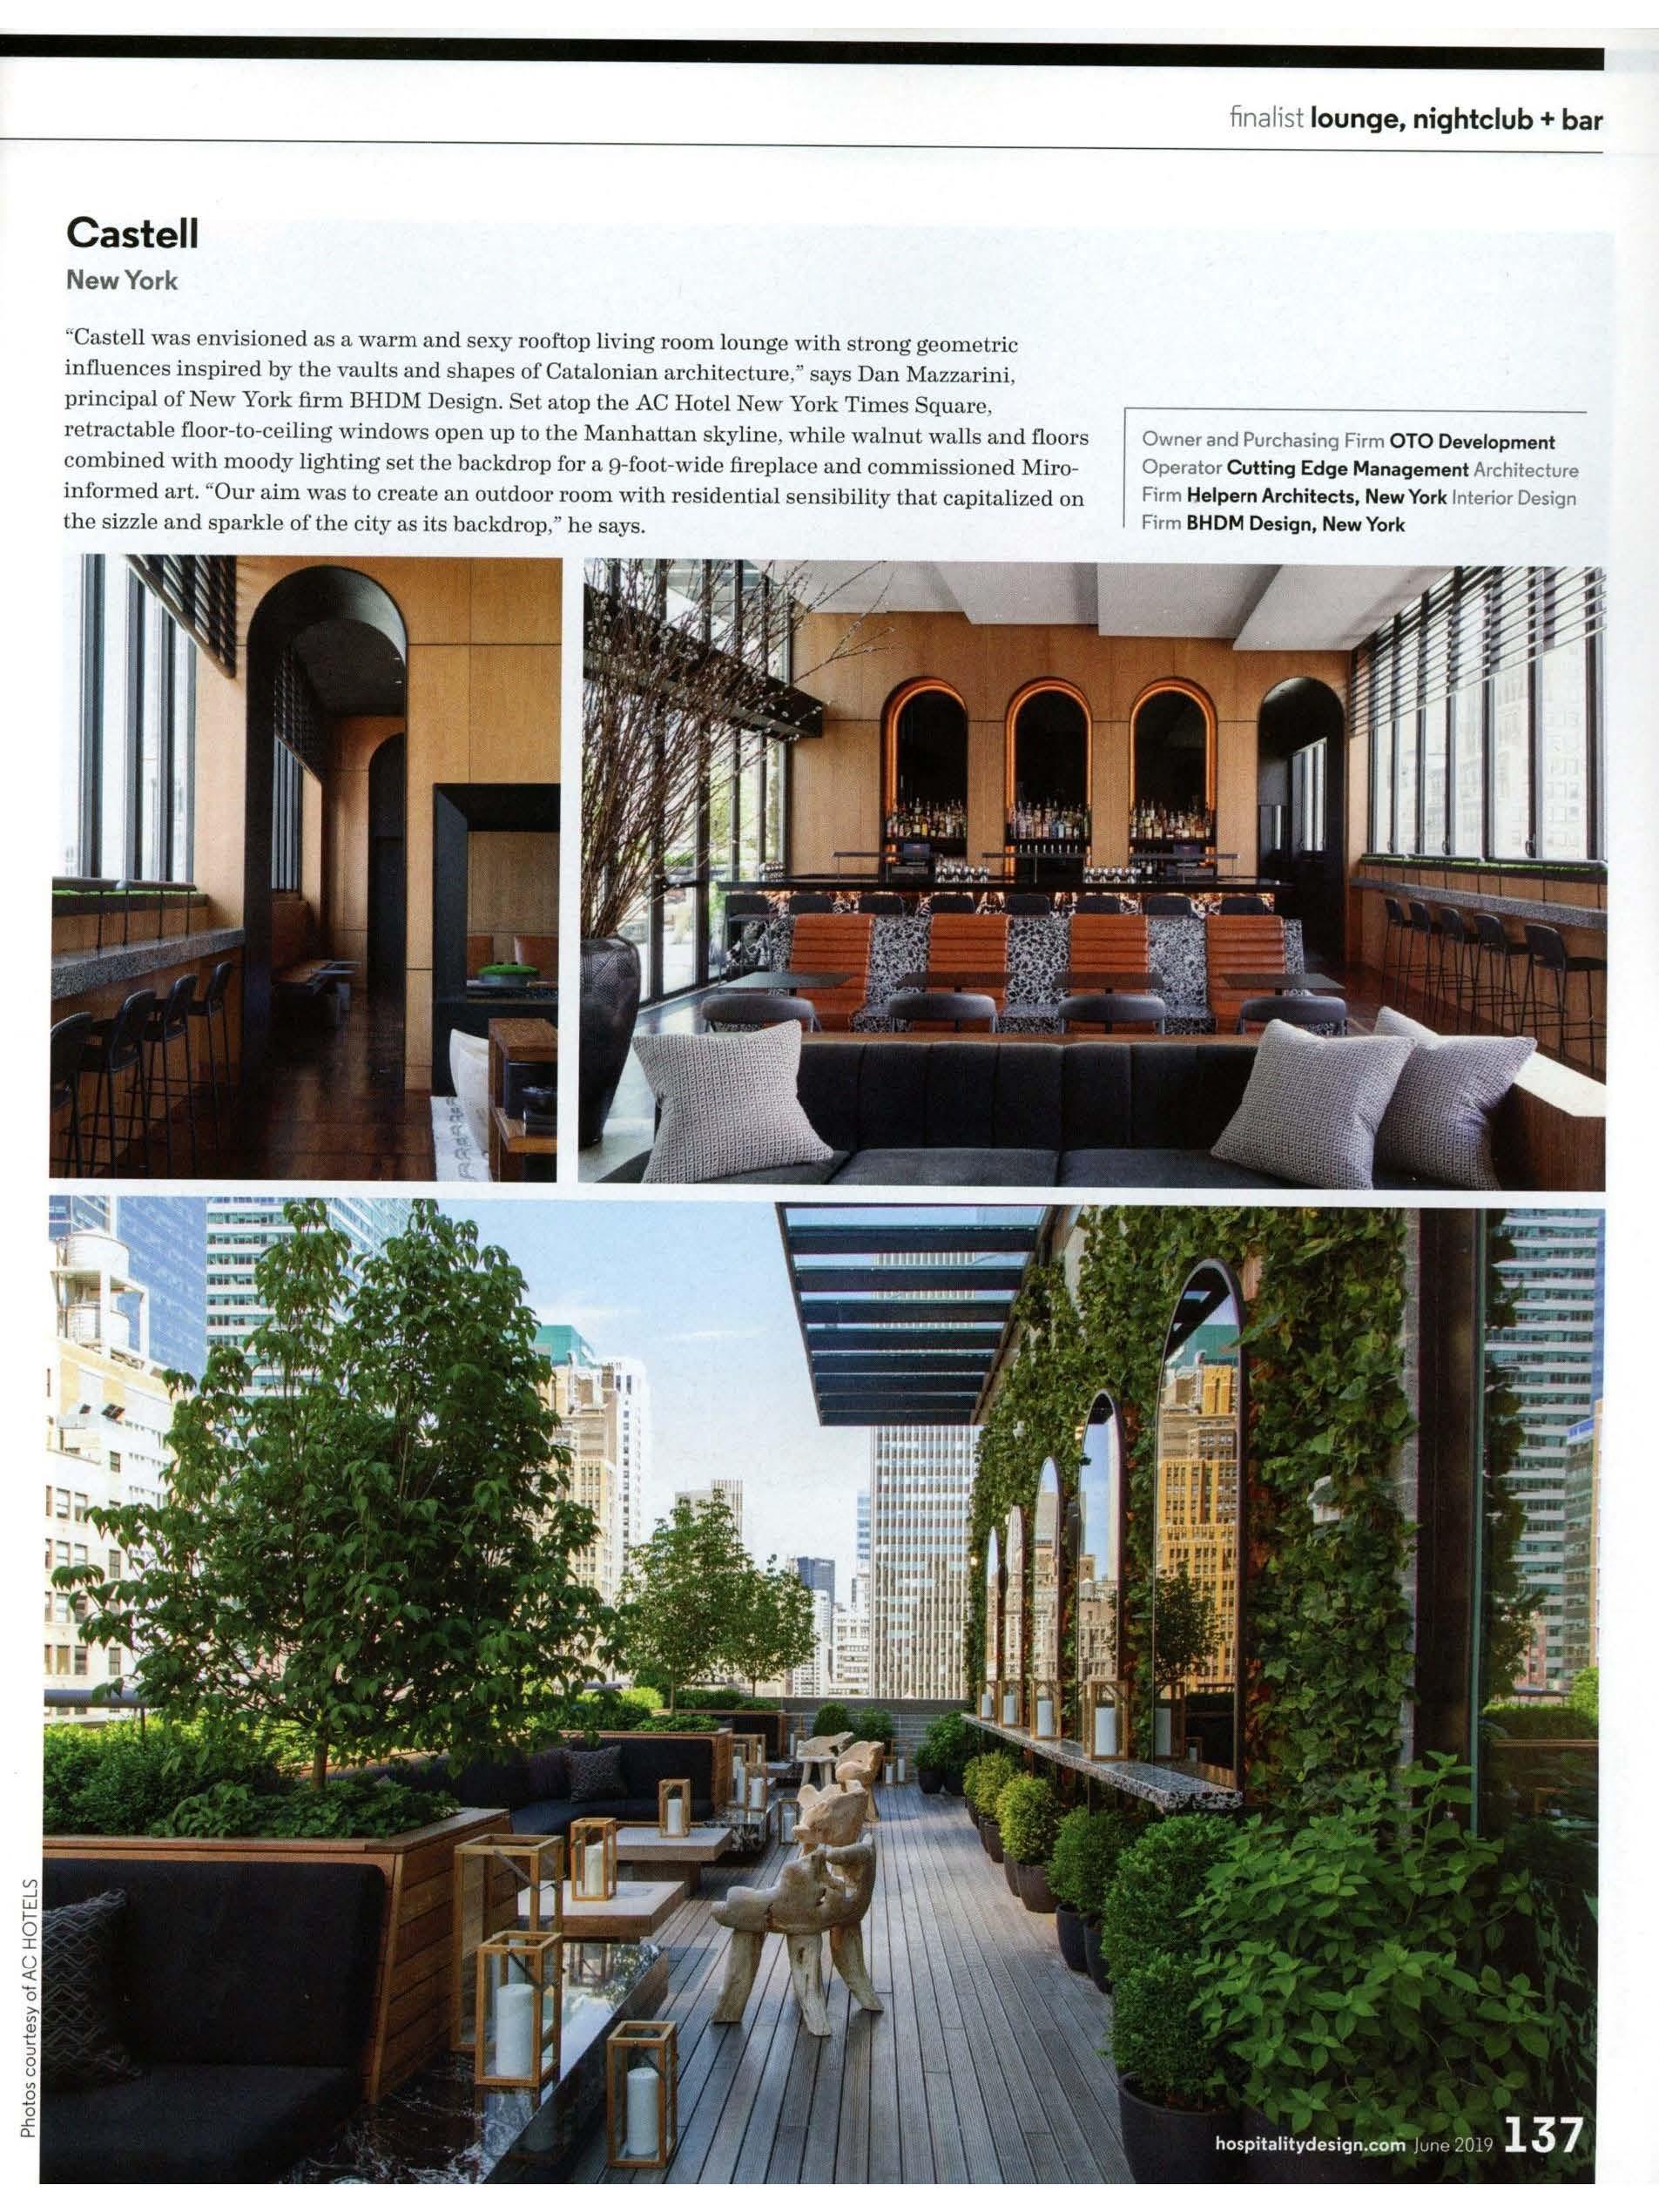 Hospitality Design - June 2019 - BHDM 2.jpg